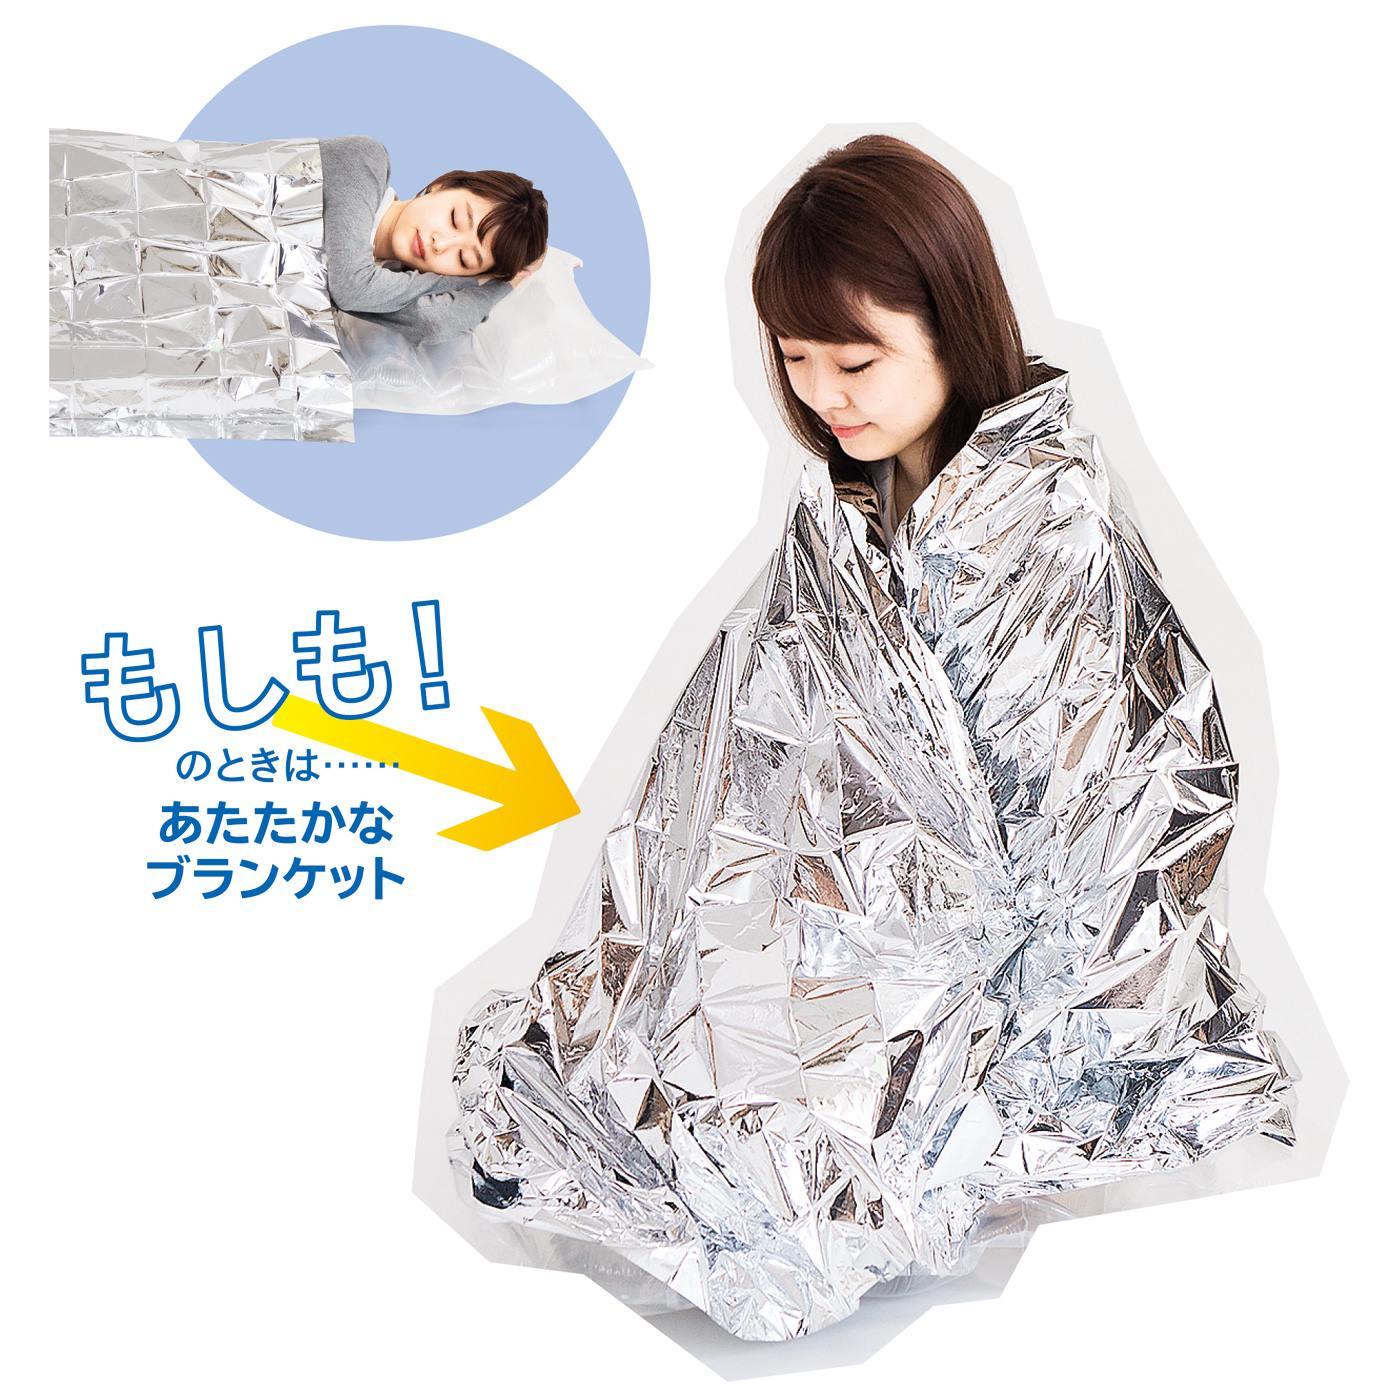 ふくらませて使うエアマットが、固くて冷たい床で寝るストレスを軽減。さらに、アルミブランケットでからだを包みこみ、もしものときも休息をとることができます。どちらも男性でも充分な大きさ。